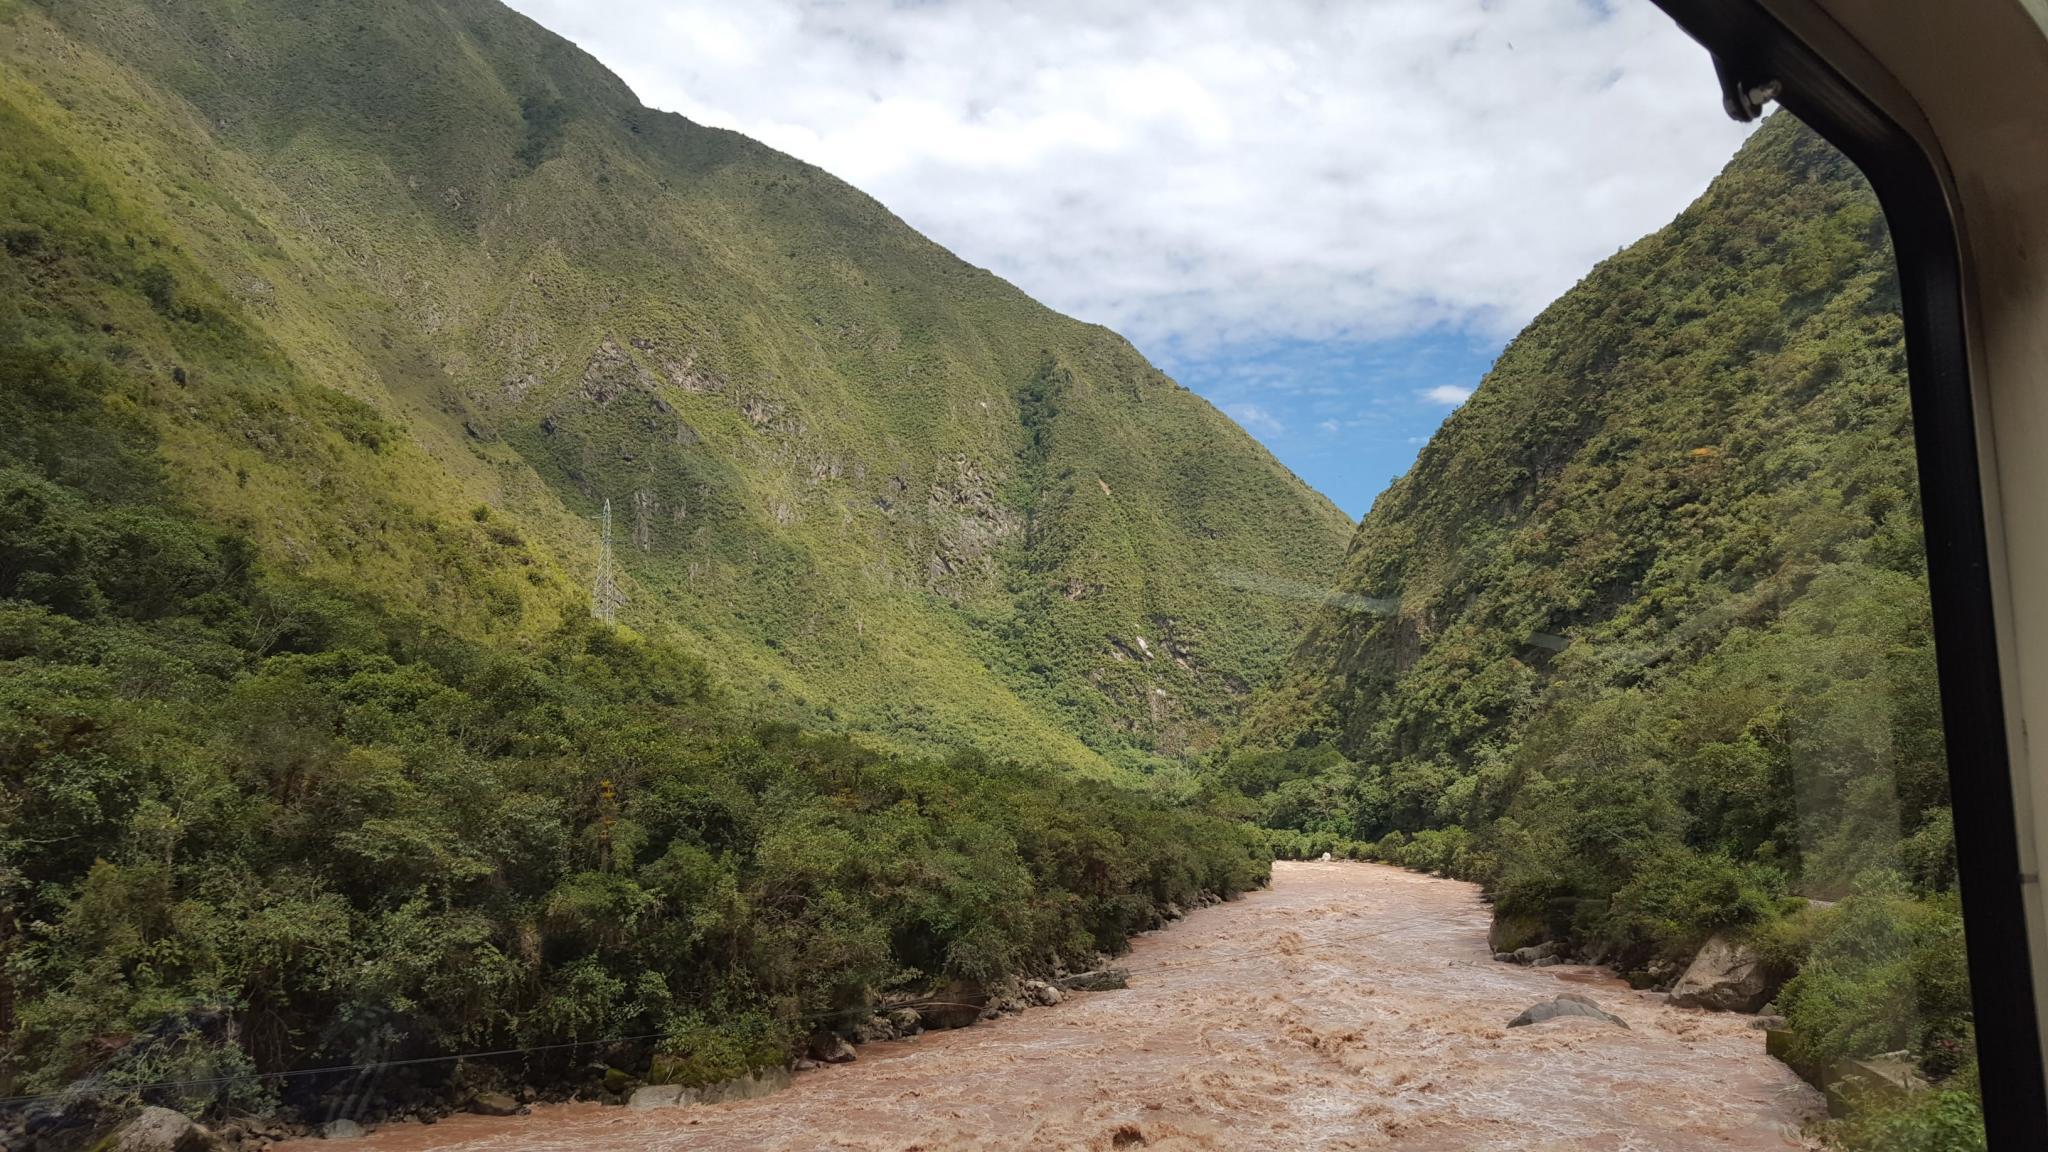 Peru: Lima, Cusco and Machu Picchu-river-train-jpg